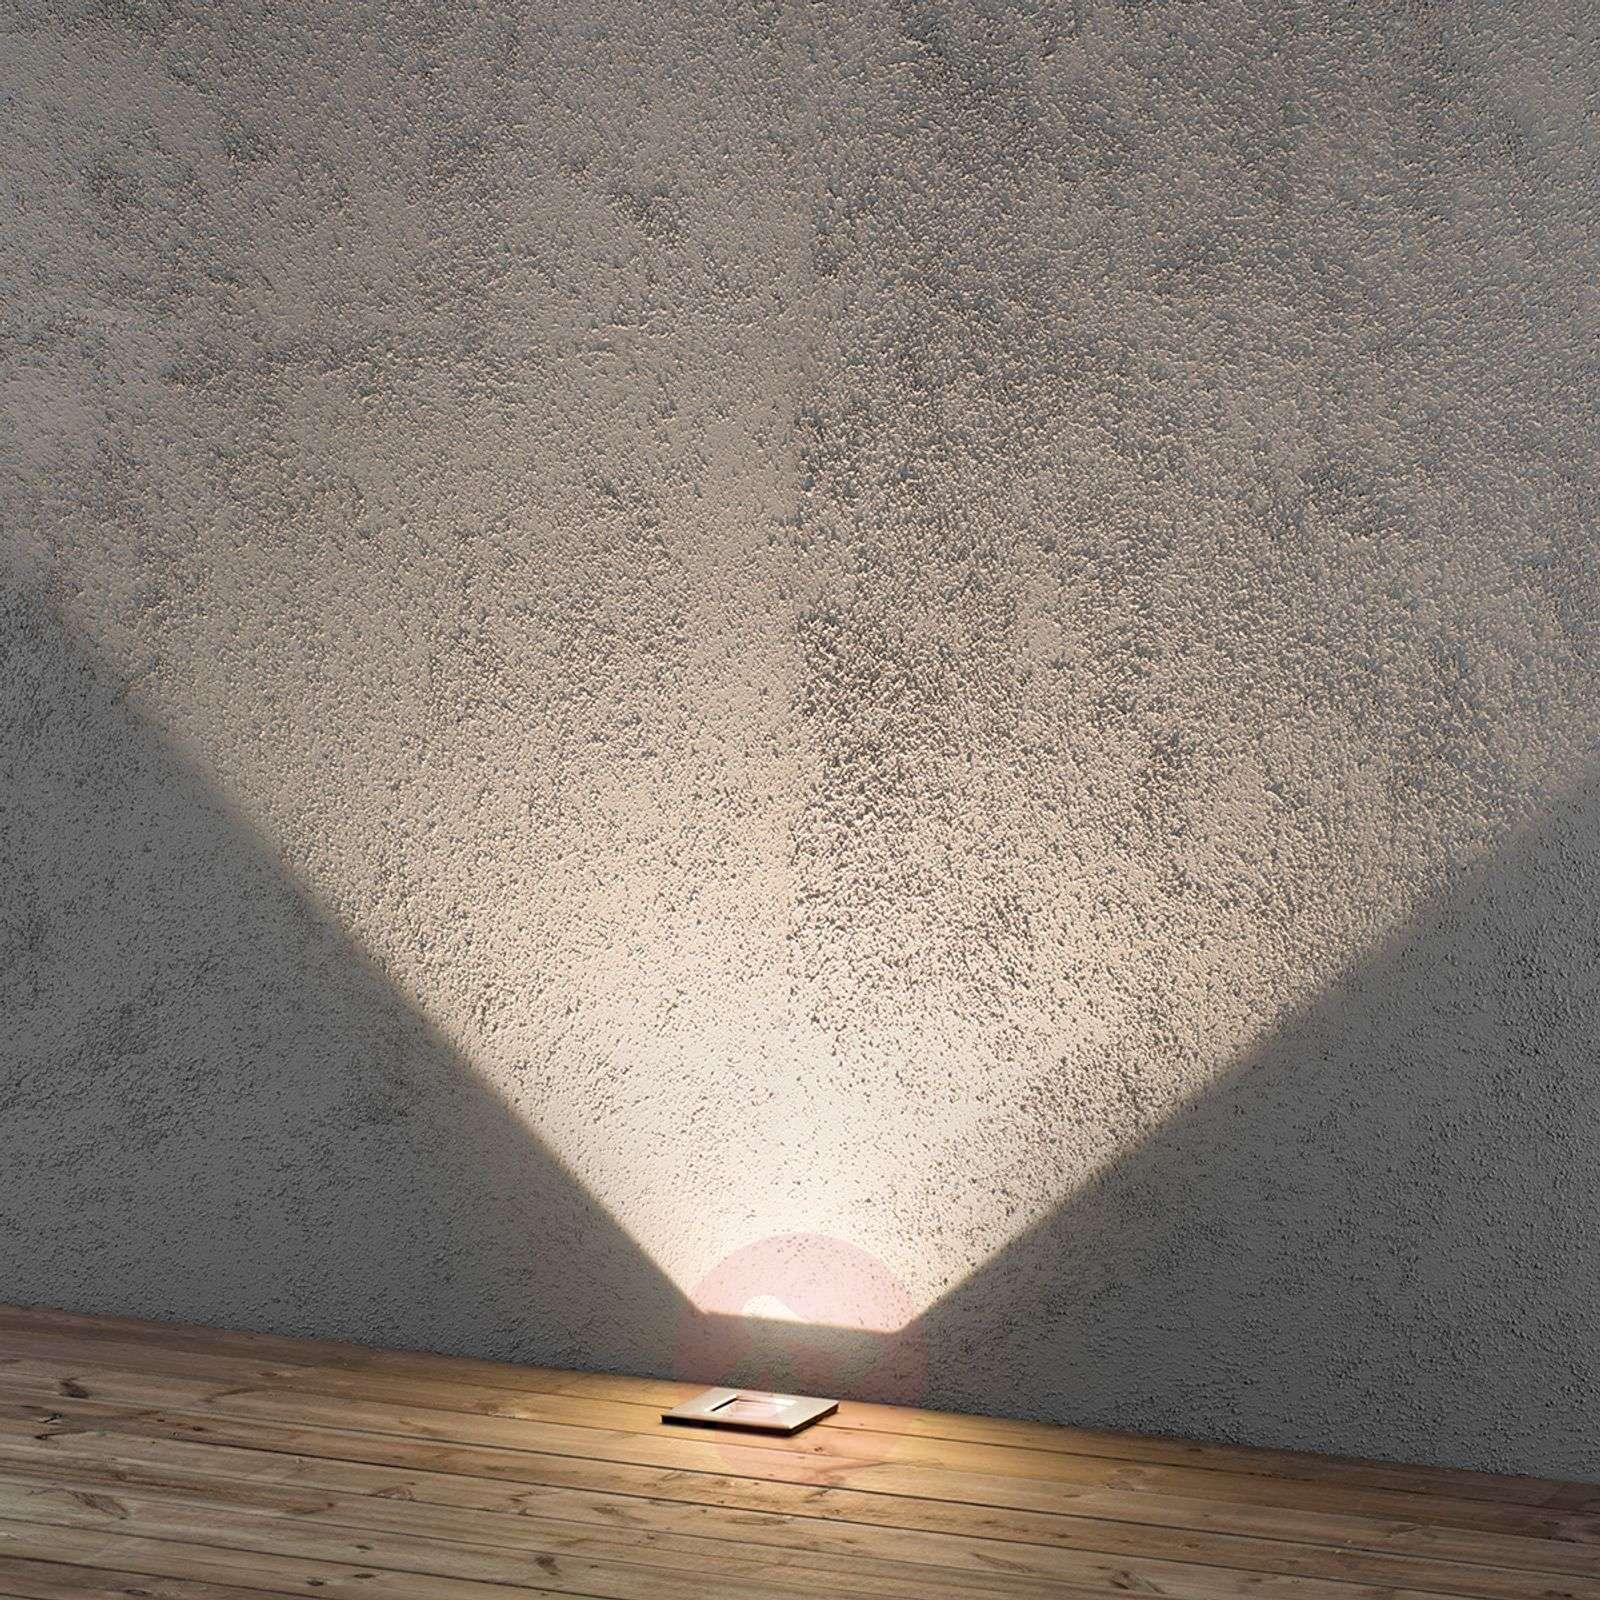 LED-maaspotti Malte, joustava valoaukko, 6W-5522471-01